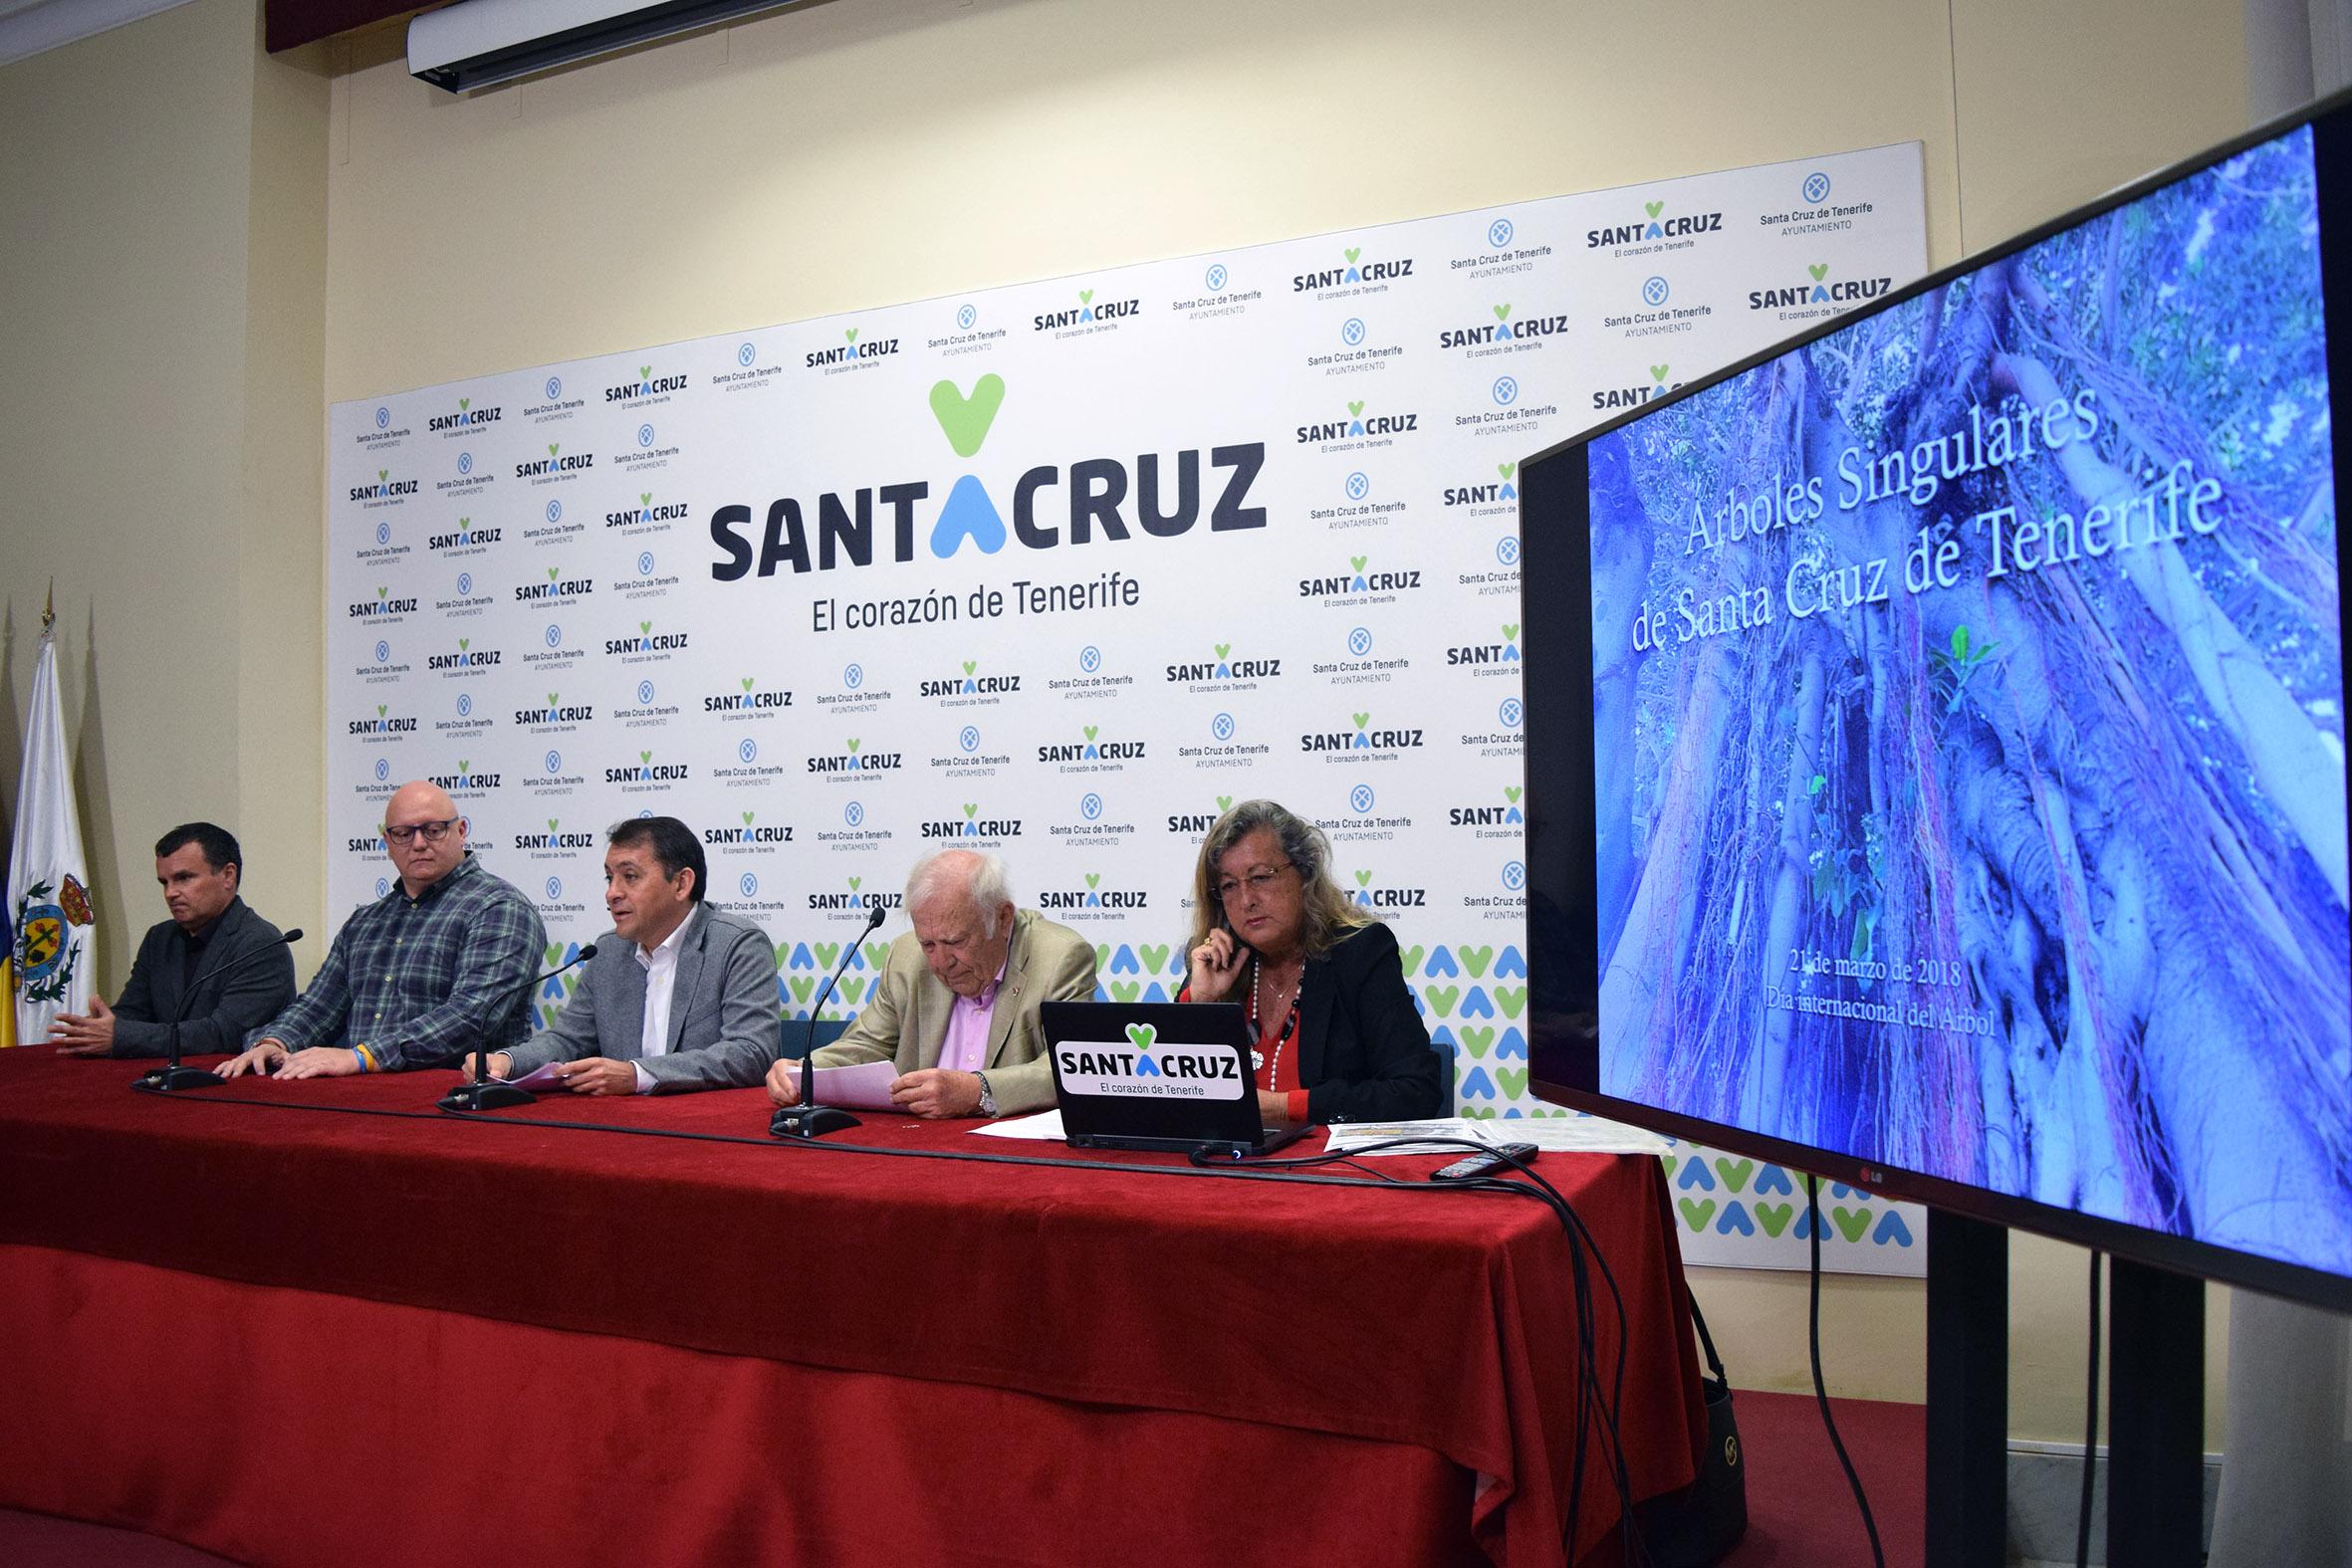 Santa Cruz cuenta con 70 árboles singulares que enriquecen su patrimonio botánico